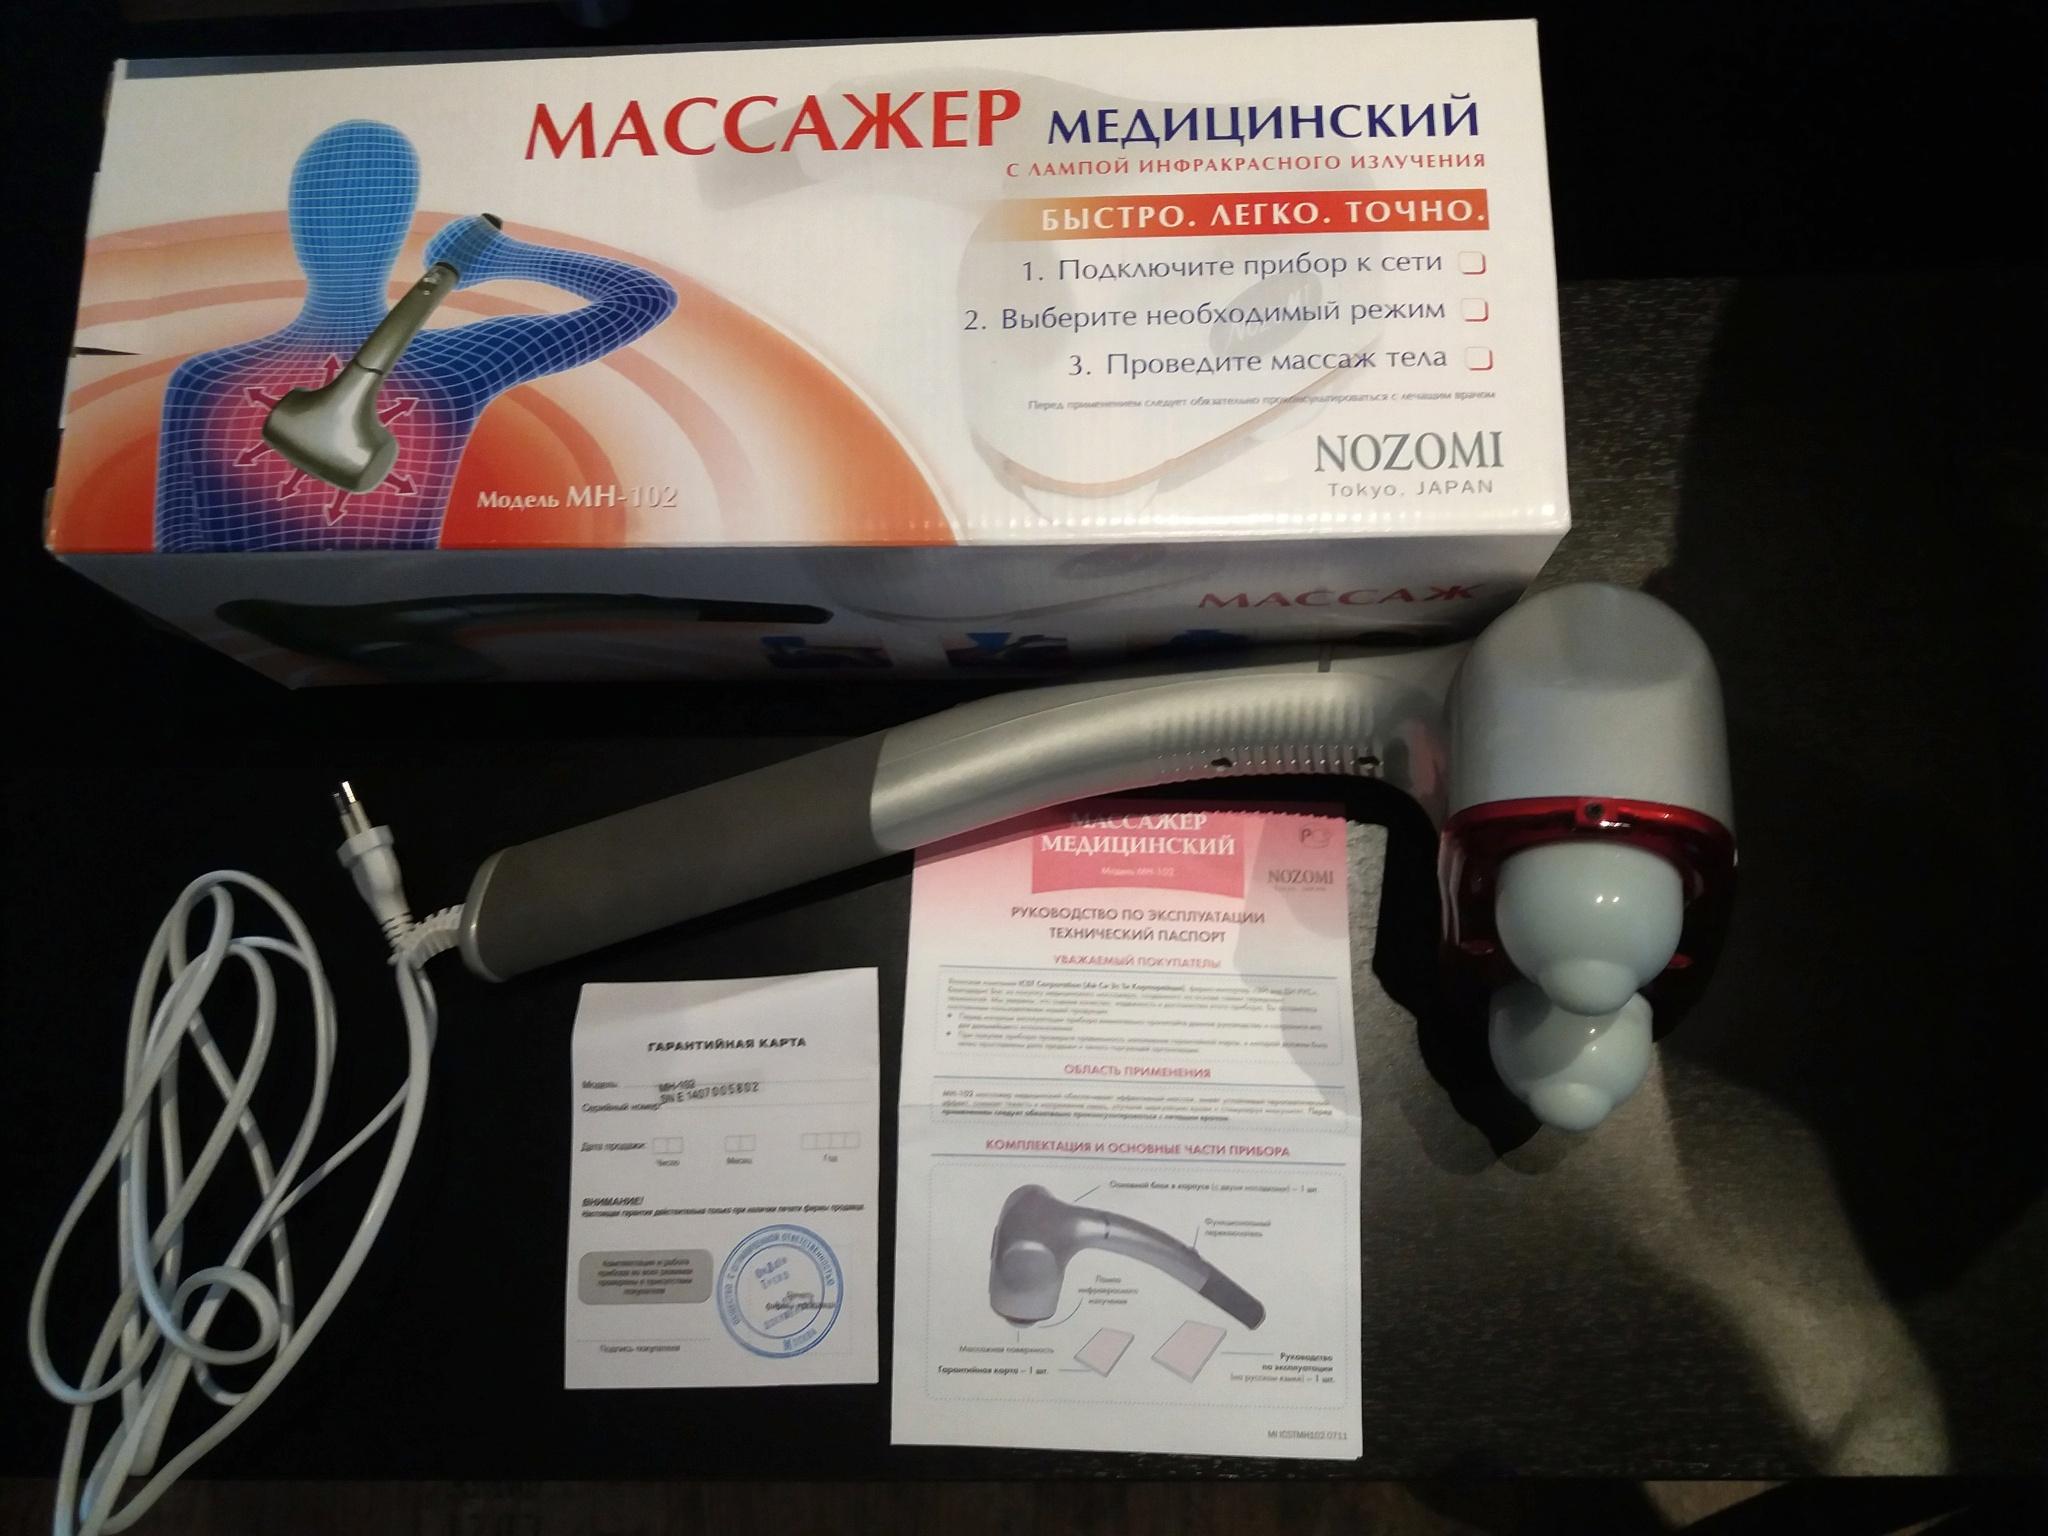 Ручной массажер инфракрасной лампой массажный пистолет xiaomi на алиэкспресс